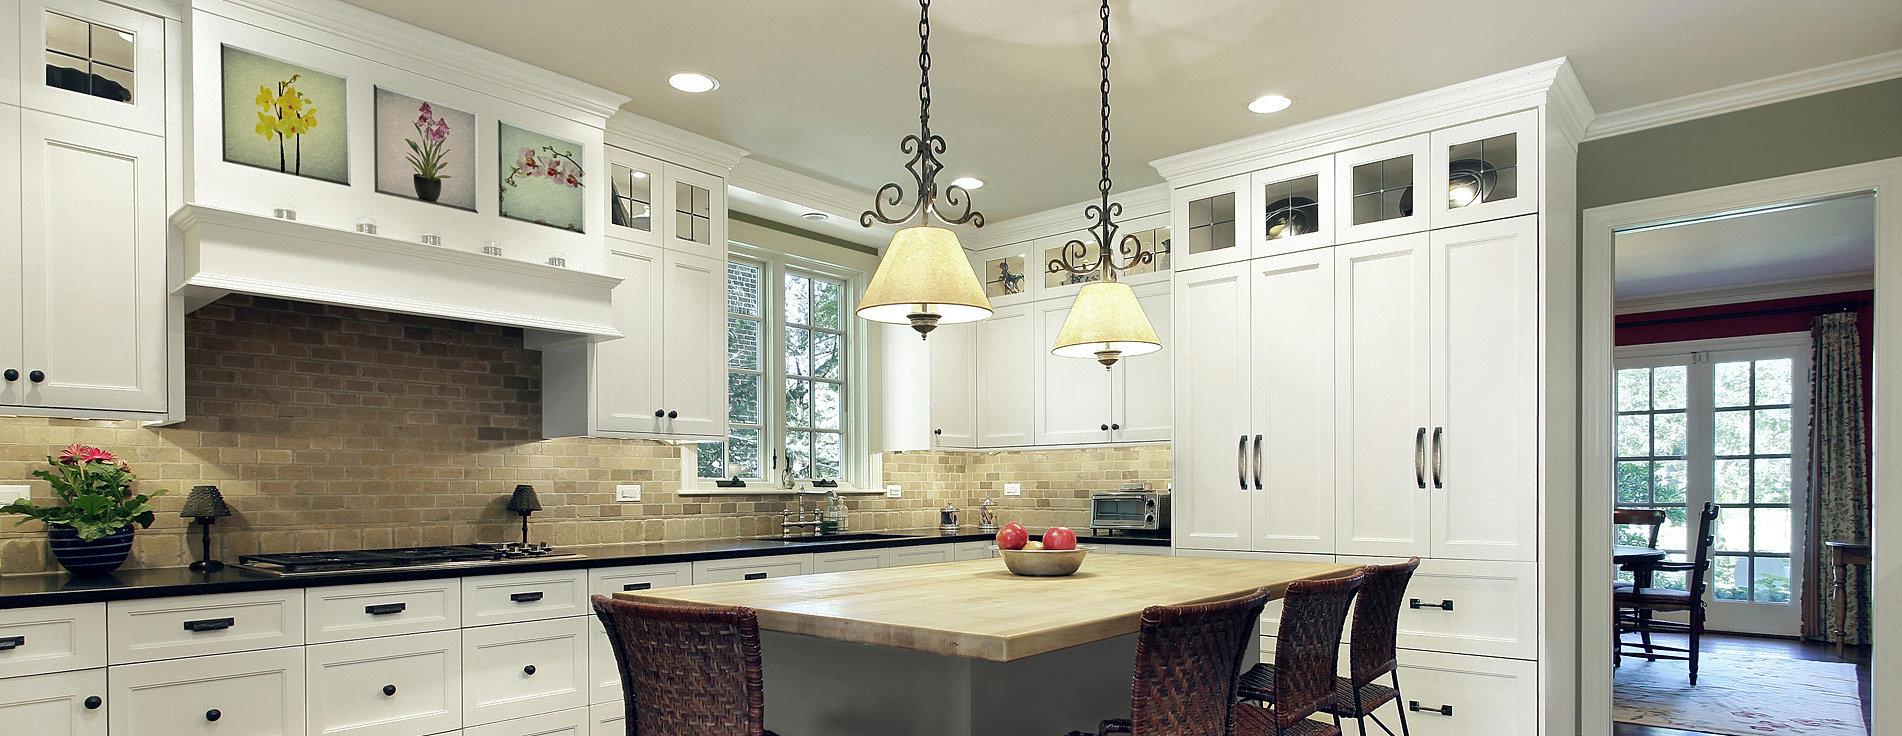 kitchenremodeling kitchen remodeling contractor Kitchen Remodeling Contractor